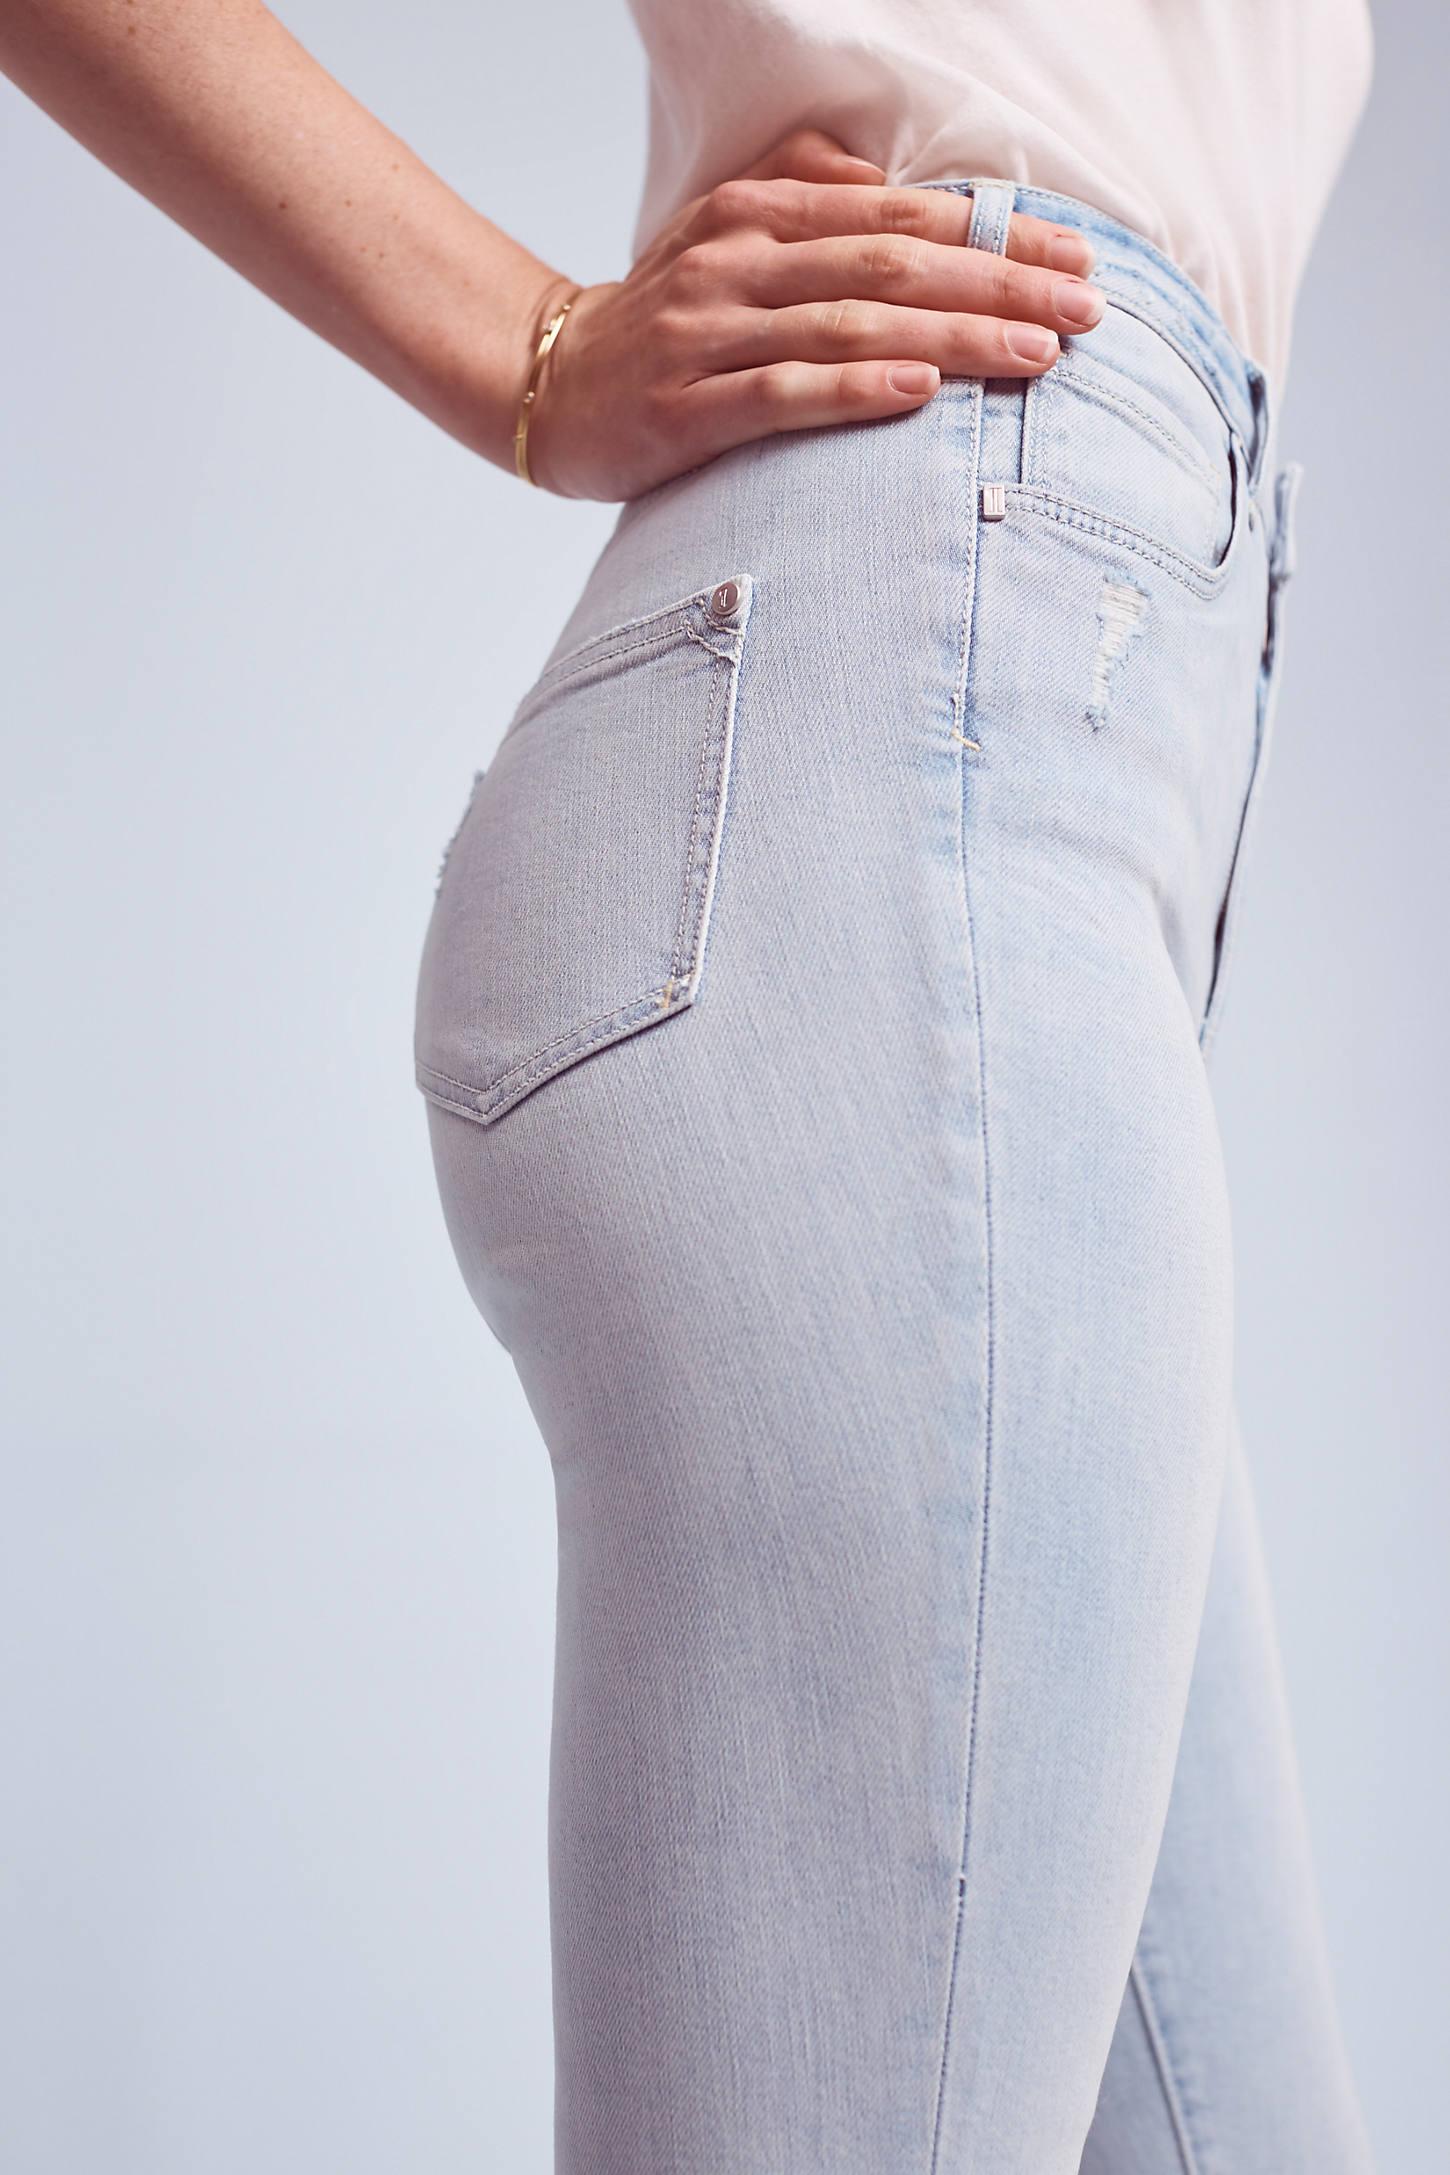 Pilcro Superscript Ultra High-Rise Skinny Jeans